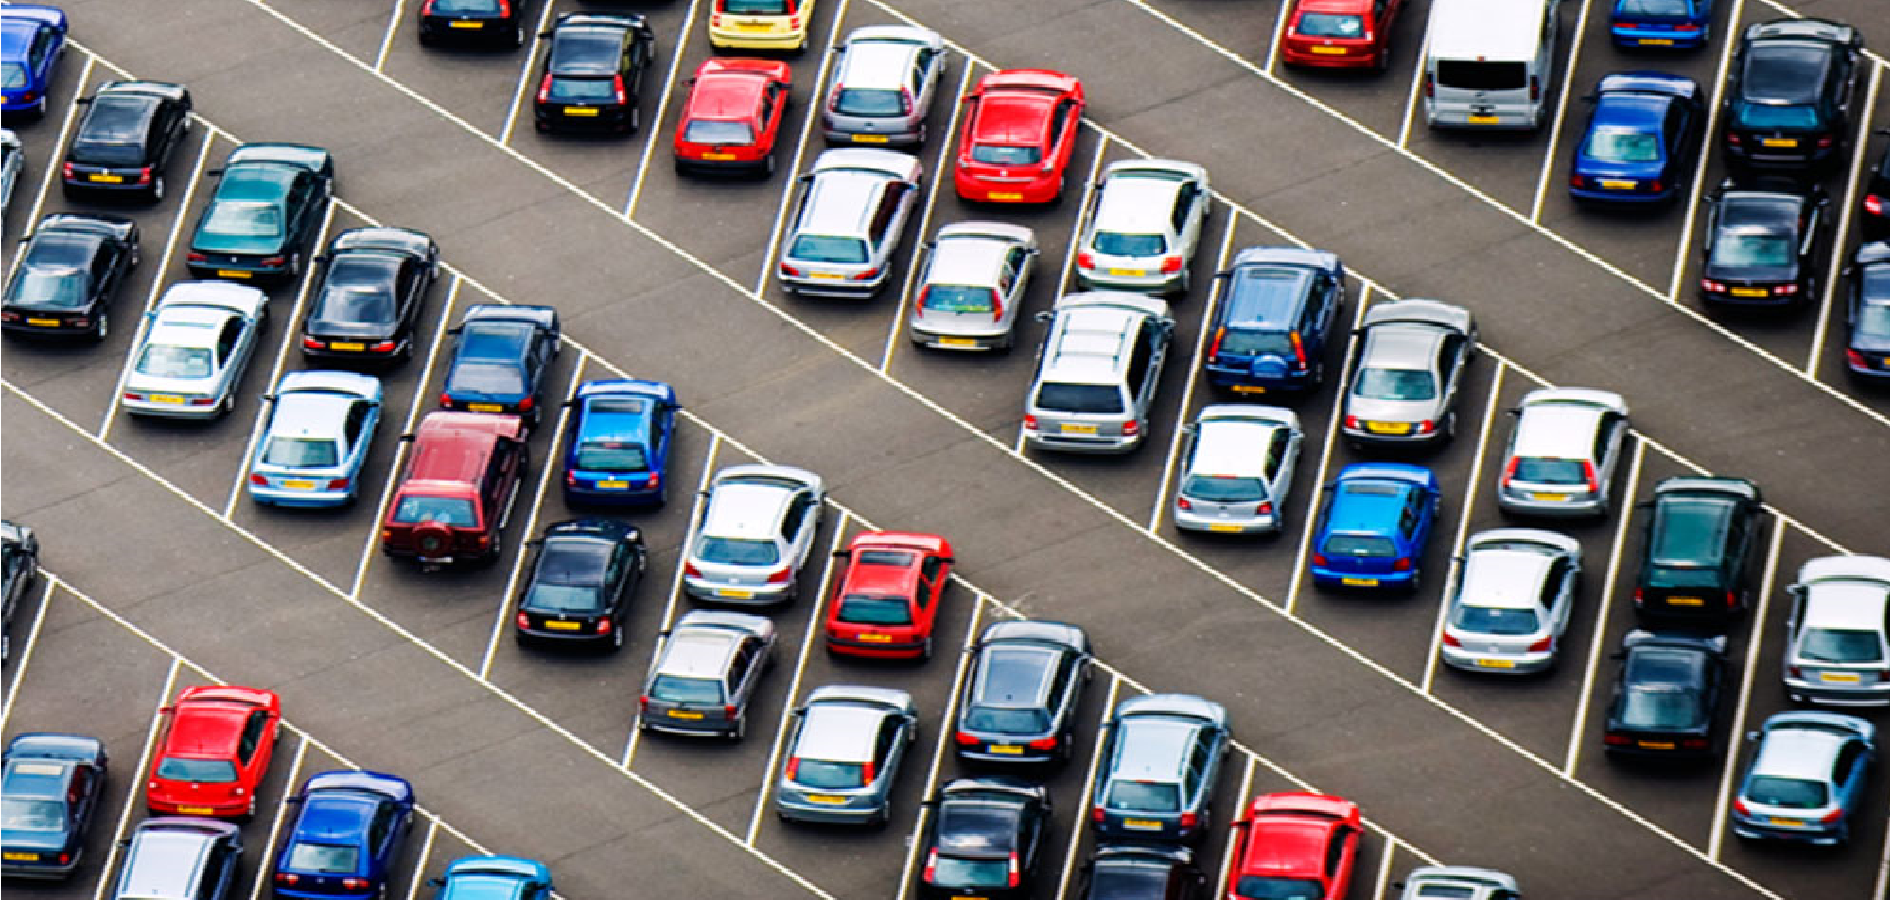 Otomobil ve hafif ticari araç pazarı yüzde 132,4 büyüdü